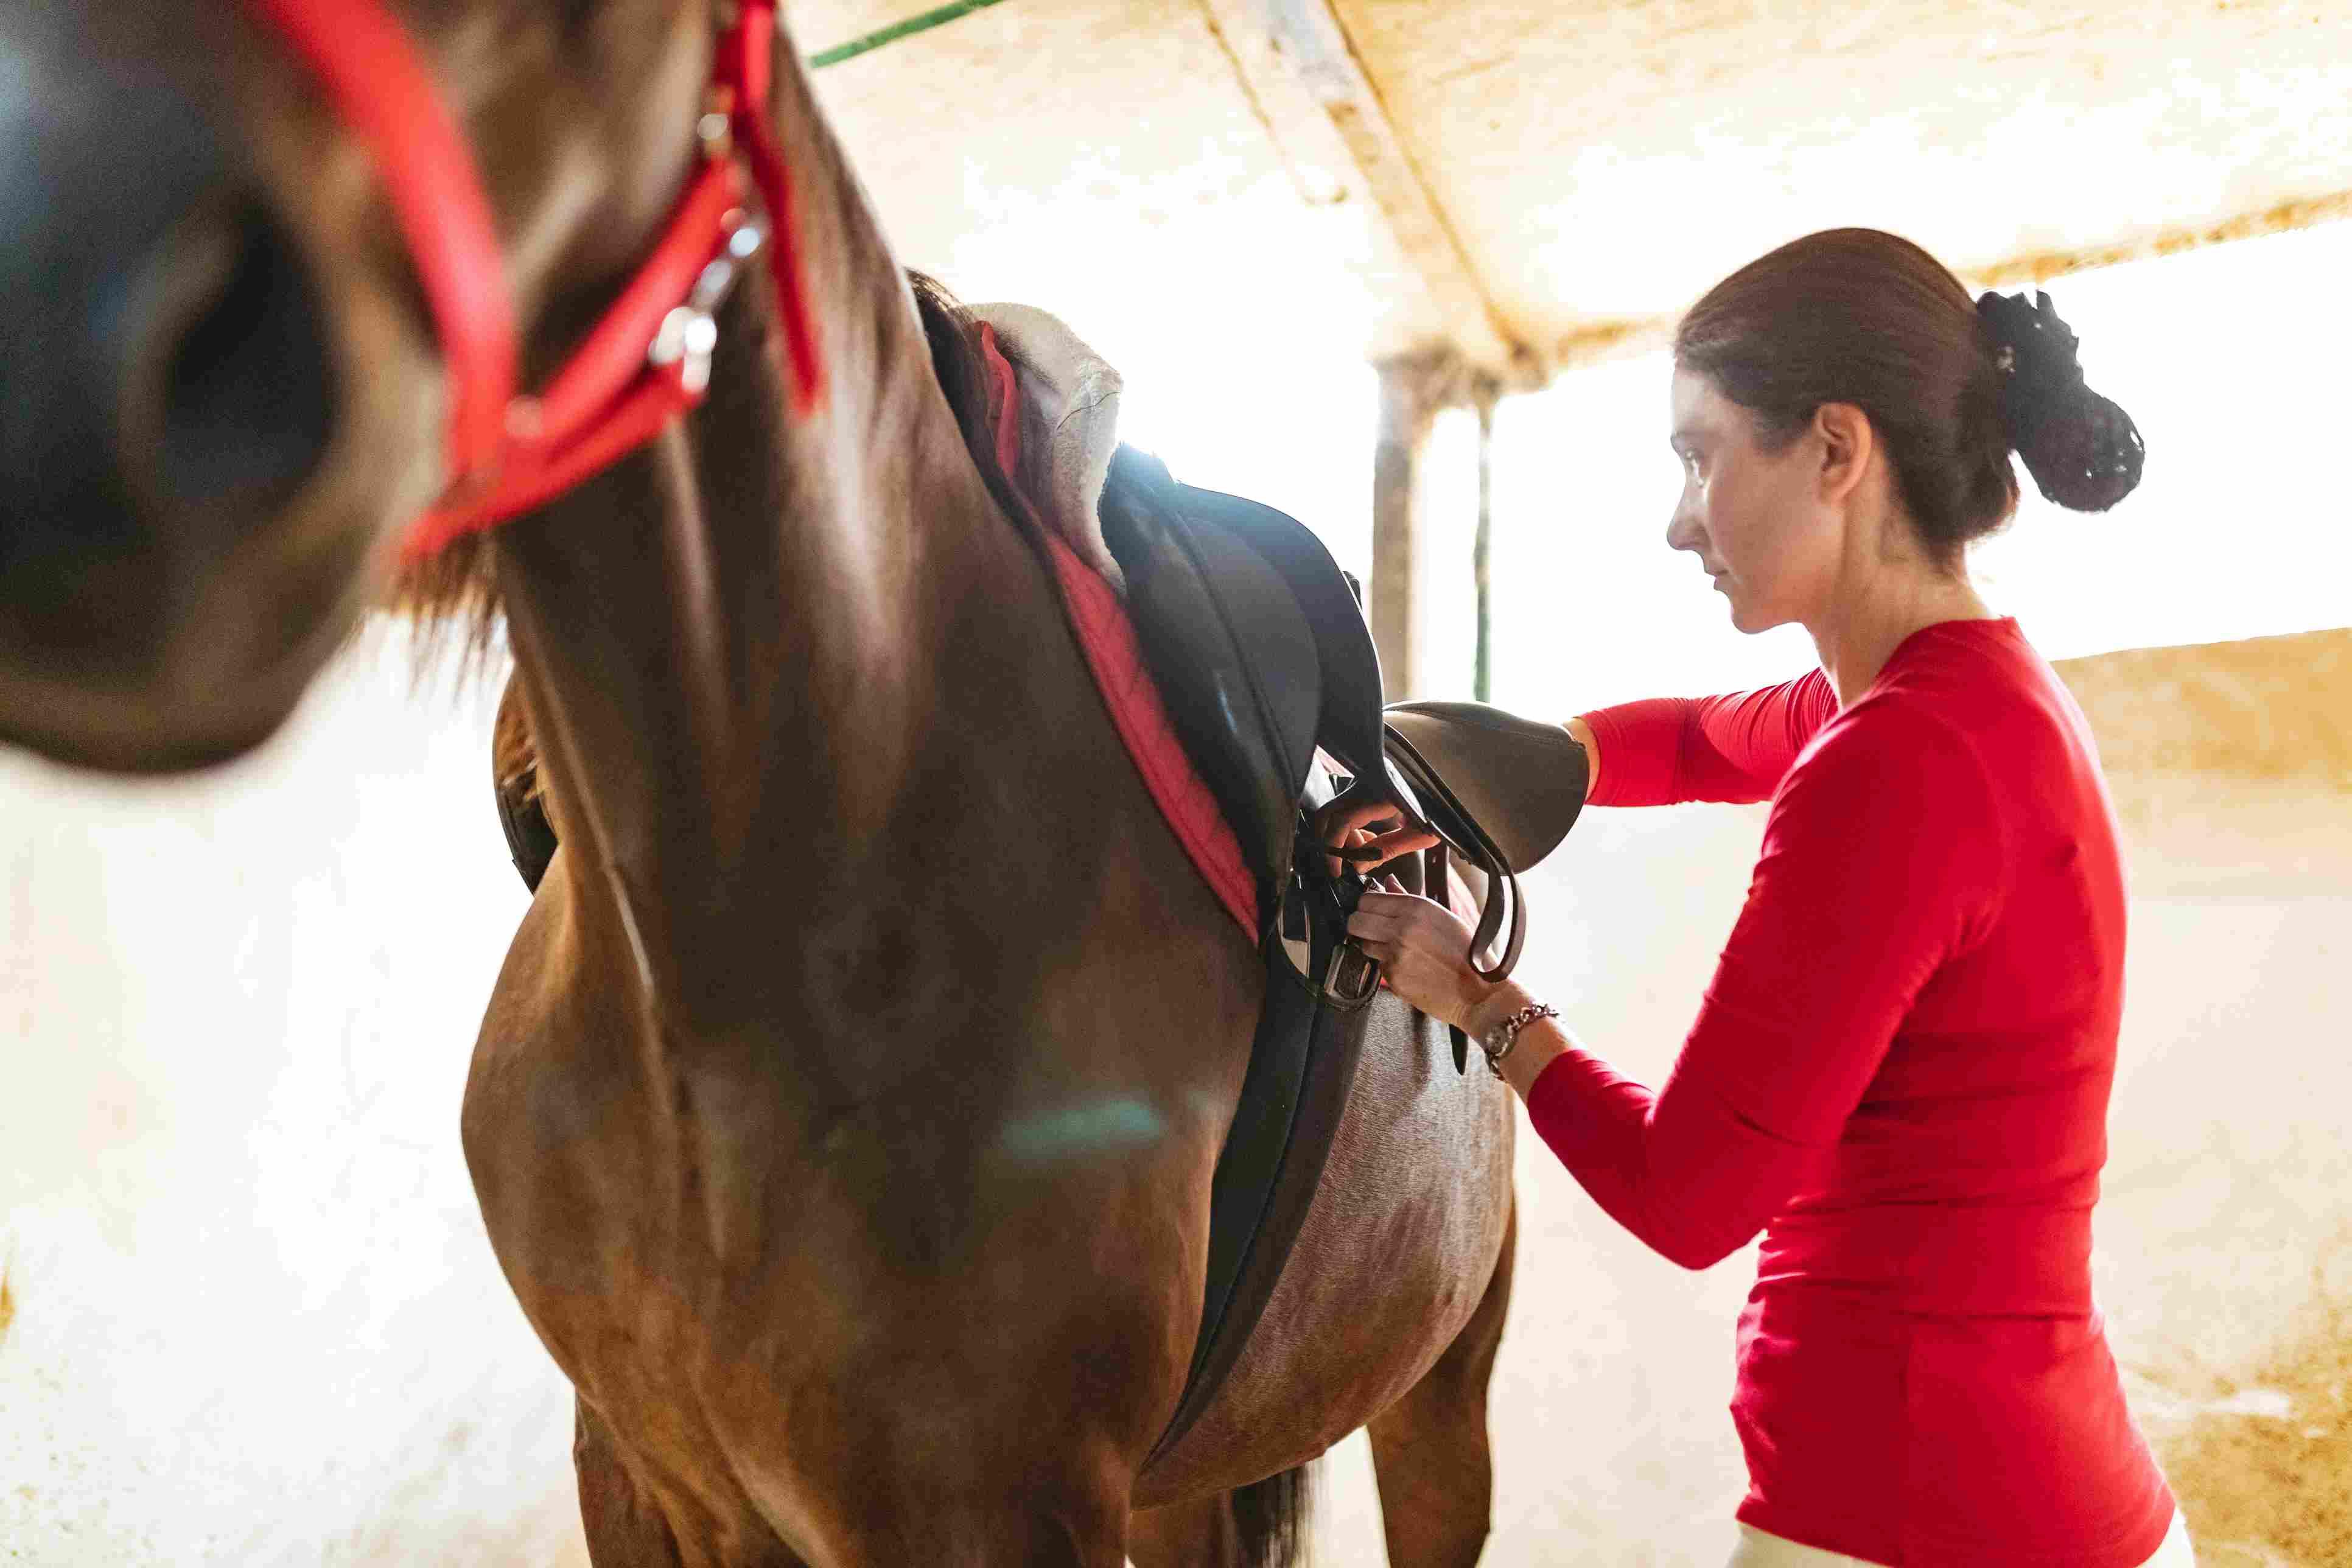 Adjusting saddle straps